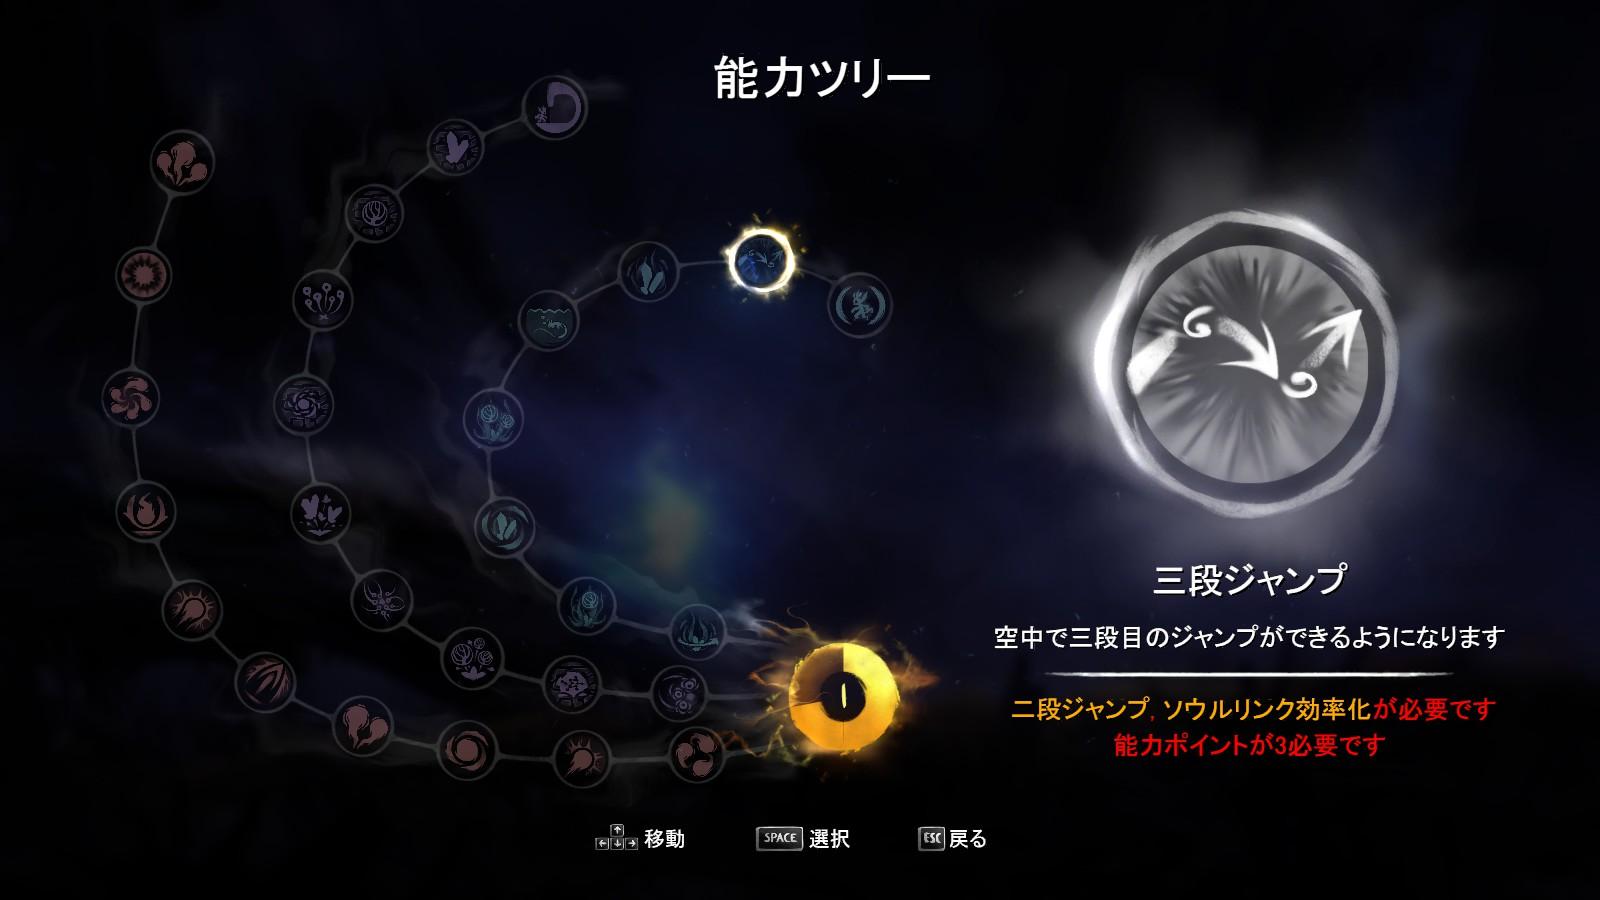 2015-11-29_00001.jpg